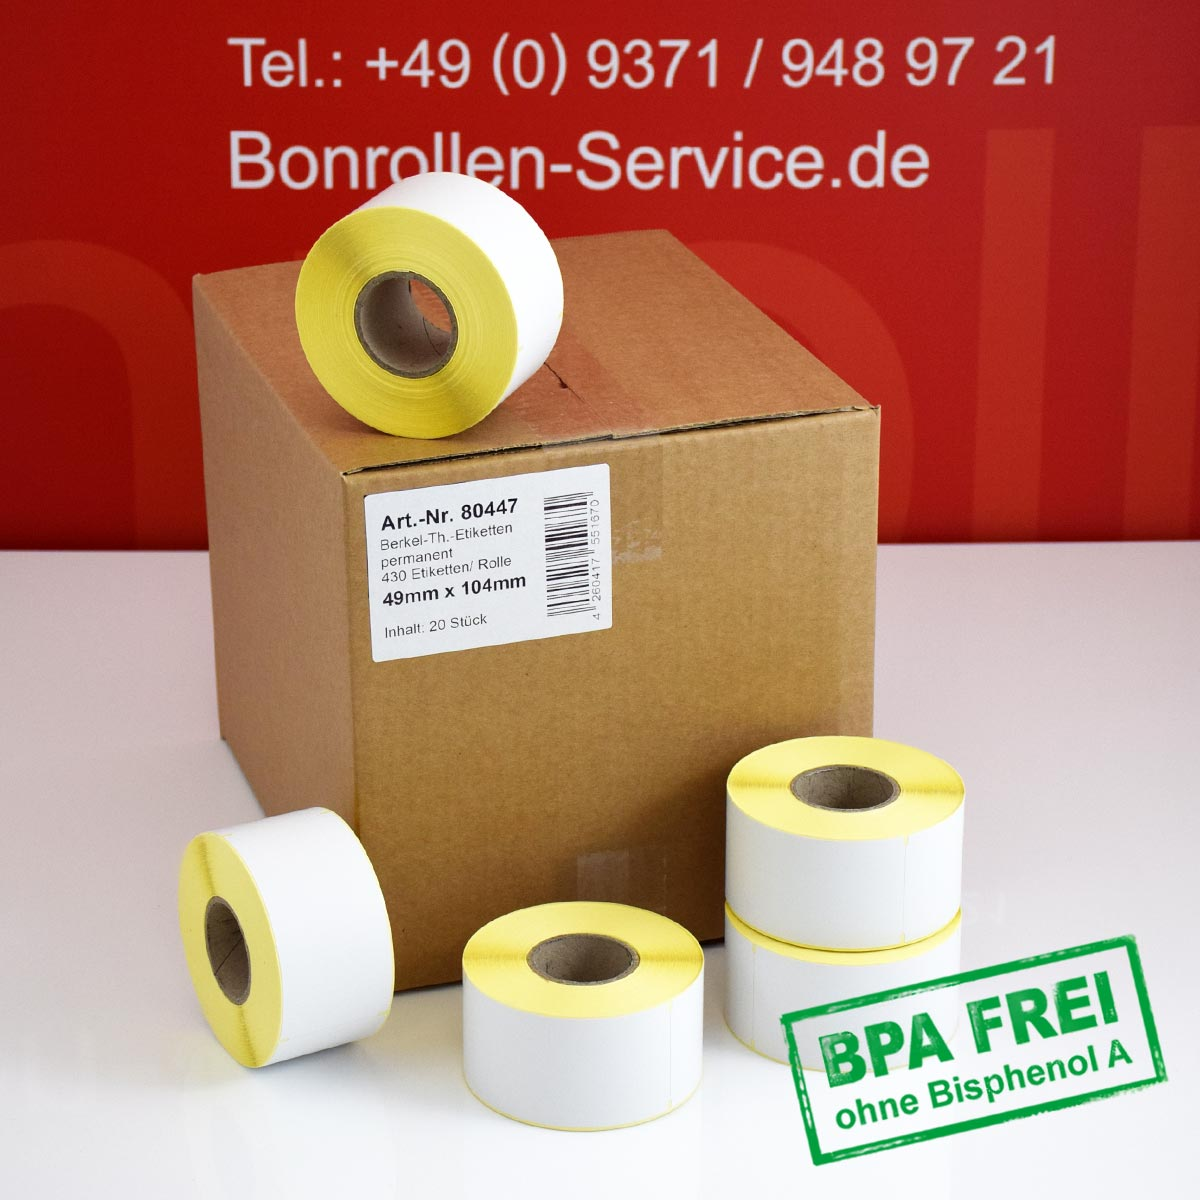 Thermo-Etikettenrollen ohne BPA, 49 x 104 für Avery Berkel, permanent